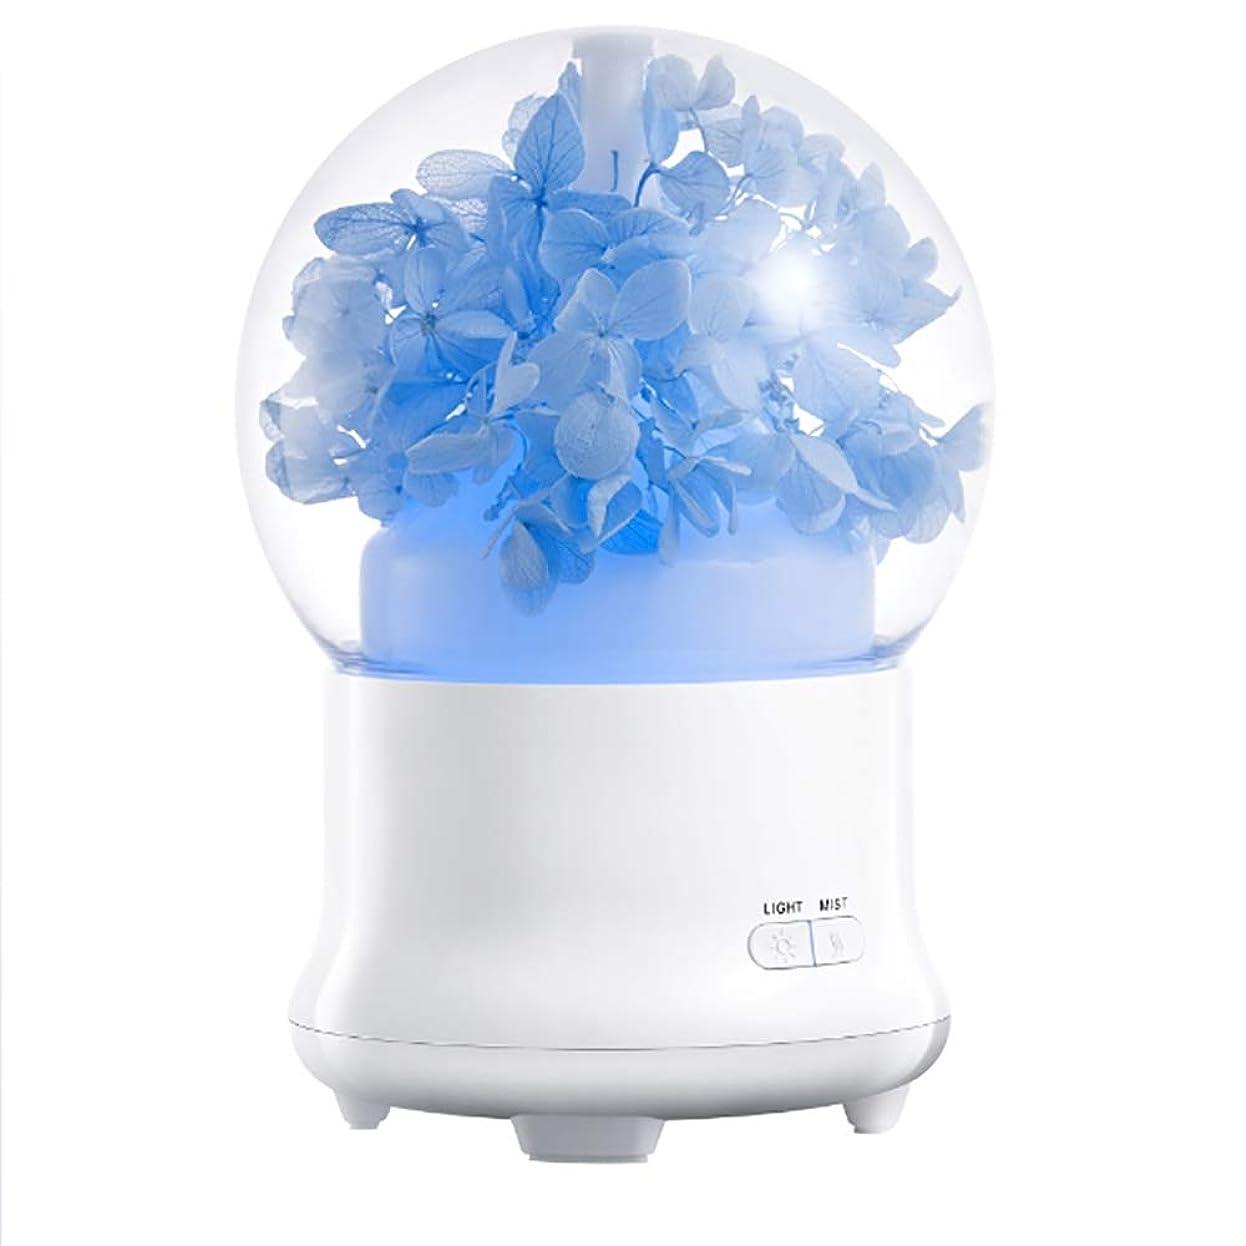 本物のから注意100ml 加湿器アロマセラピーマシン永遠の花クリーンエアタイマーと自動オフ安全スイッチオフィスホームベッドルームリビングルームスタディヨガスパ USB 充電,1